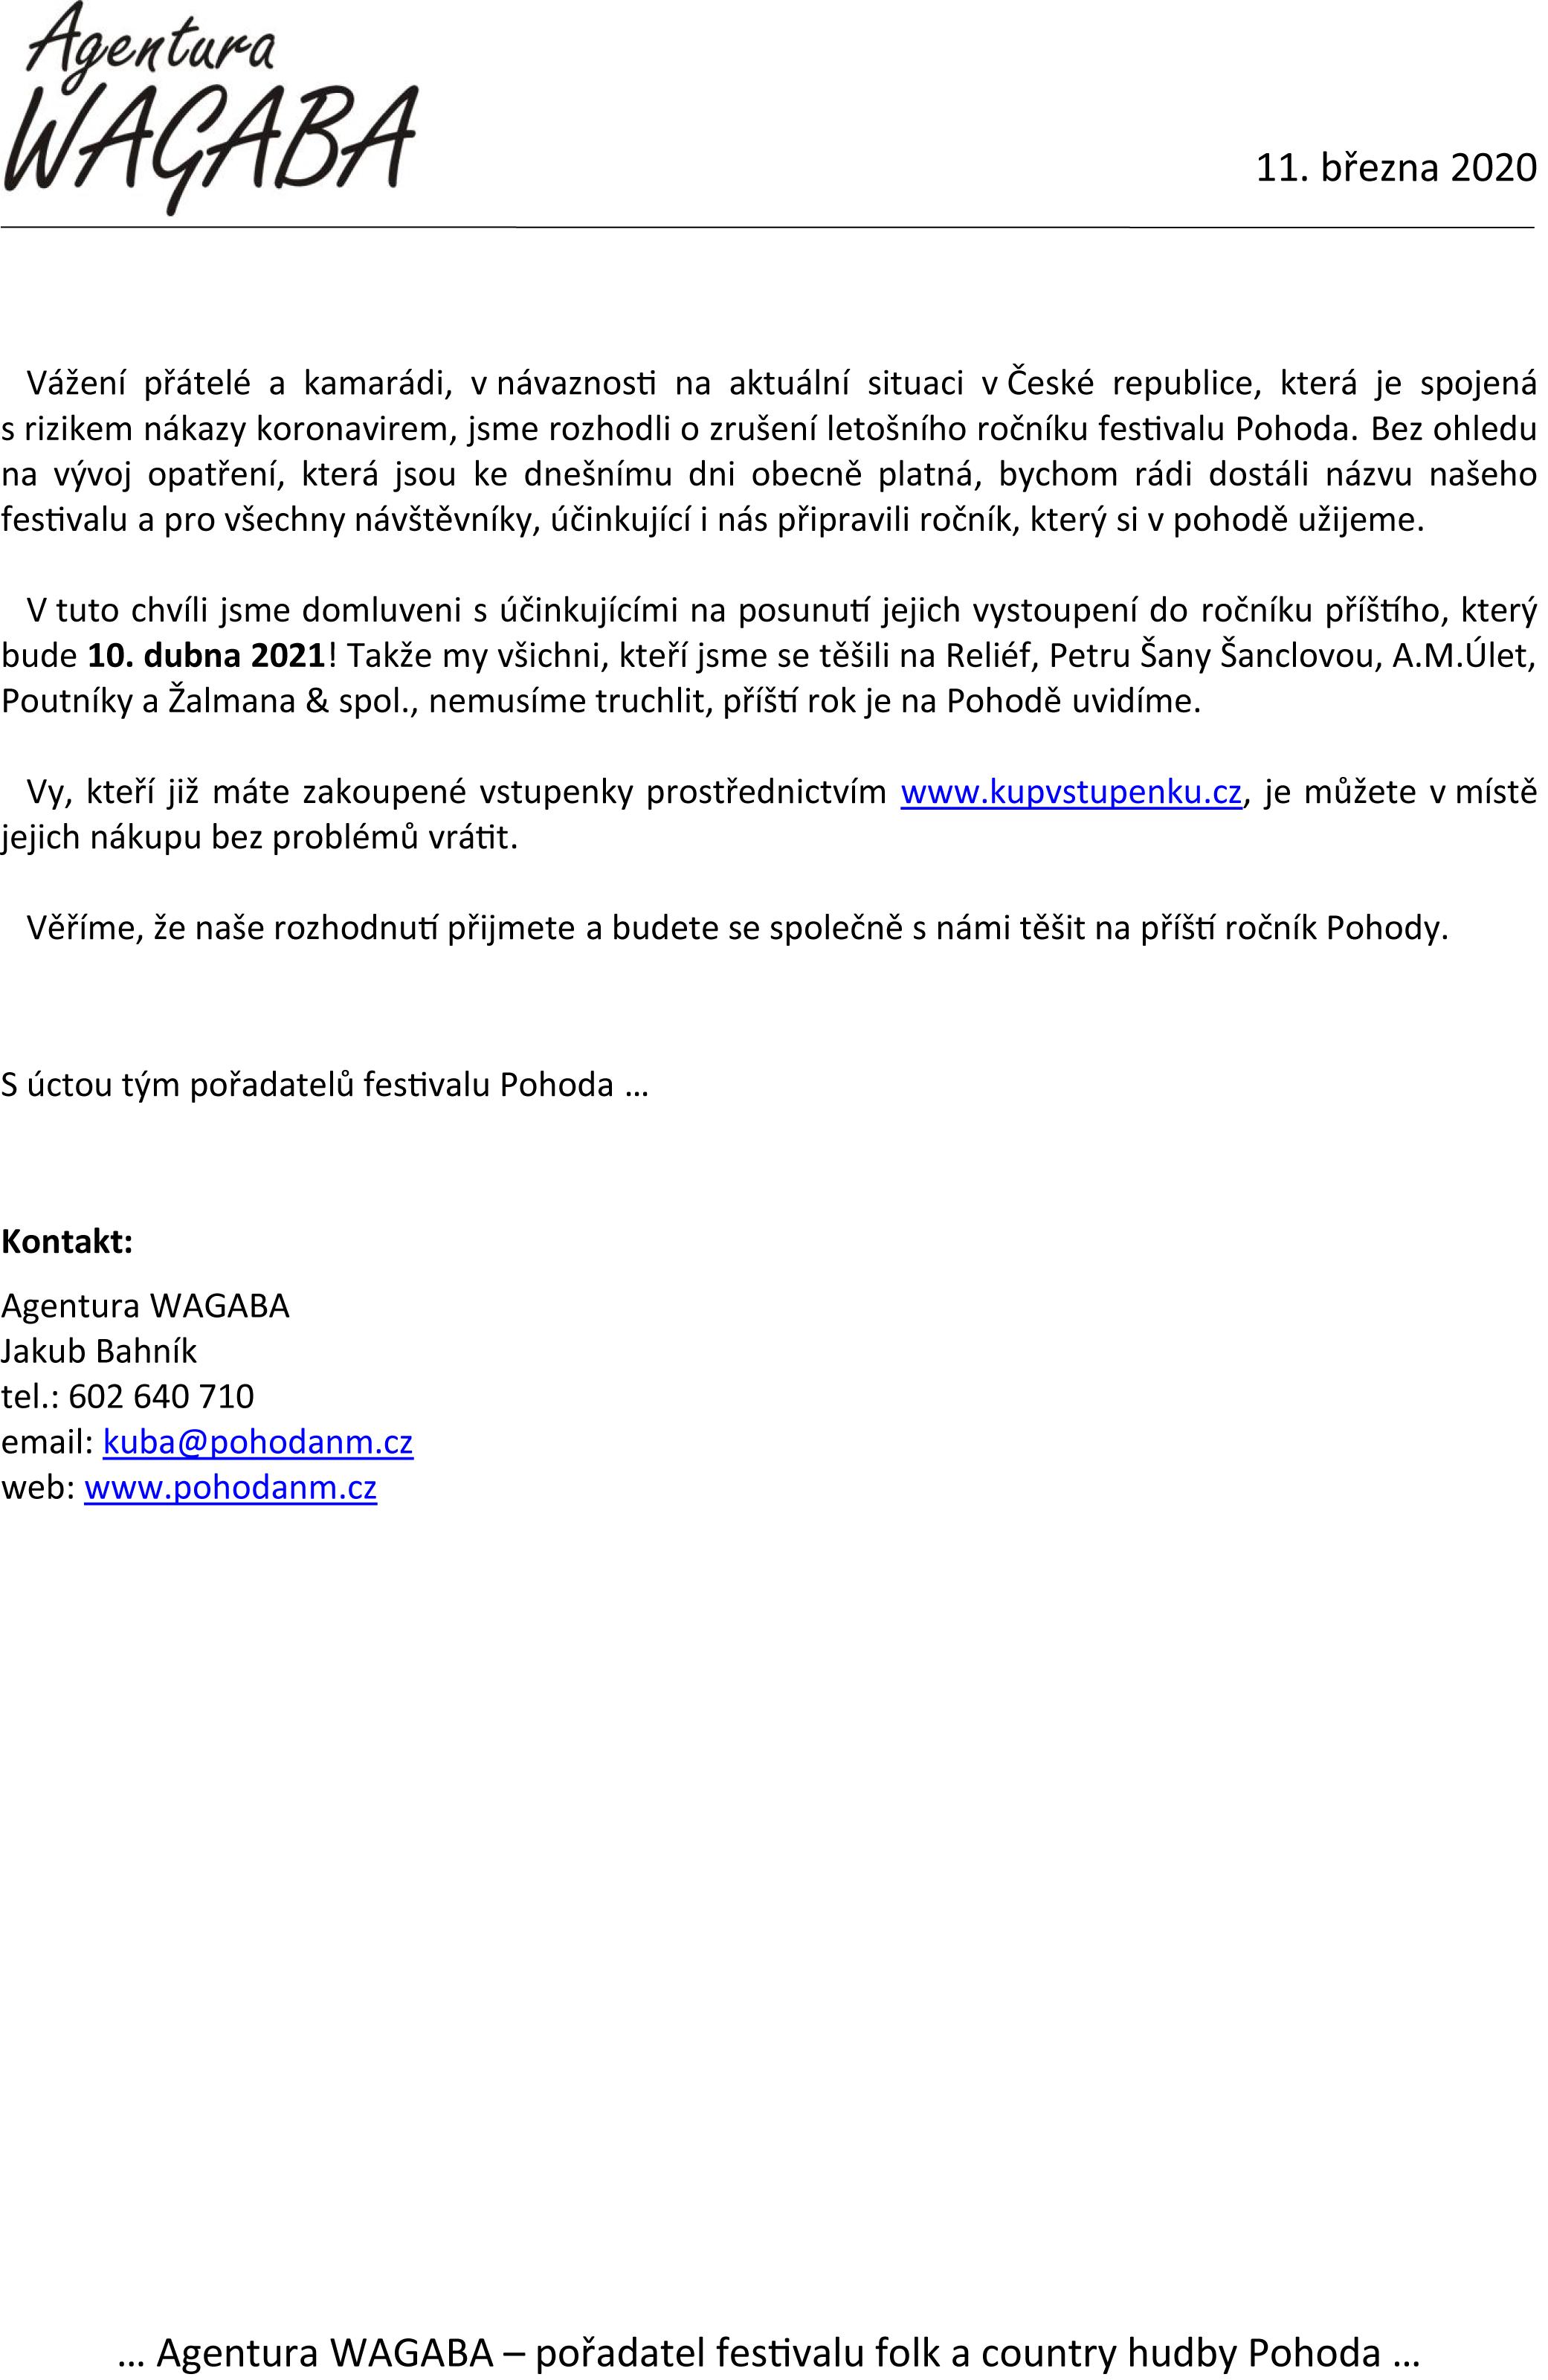 Oznámení o zrušení 33. ročníku festivalu Pohoda 200311